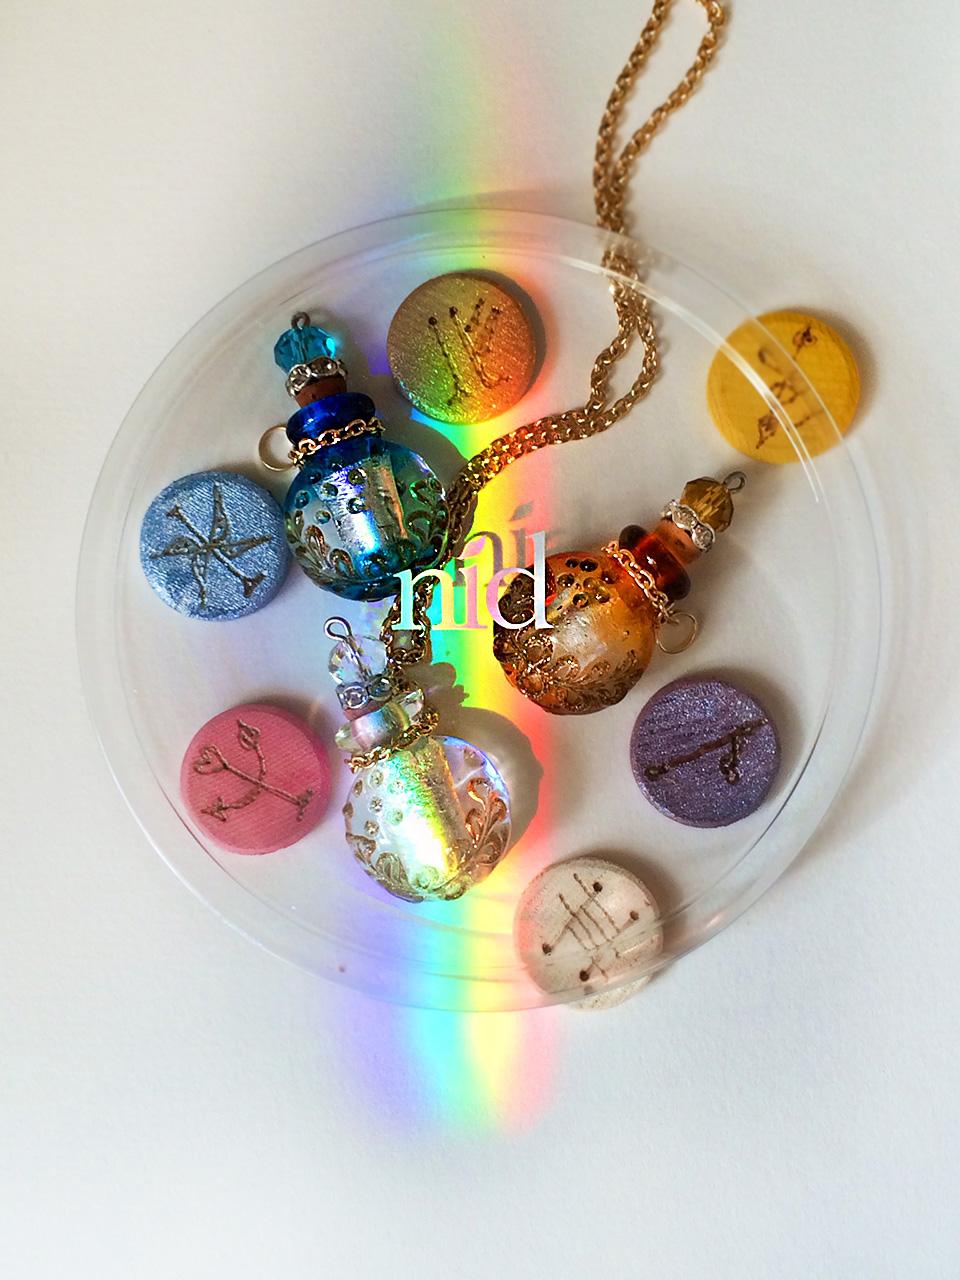 アロマを入れるインポート手作り香水瓶、虹と。